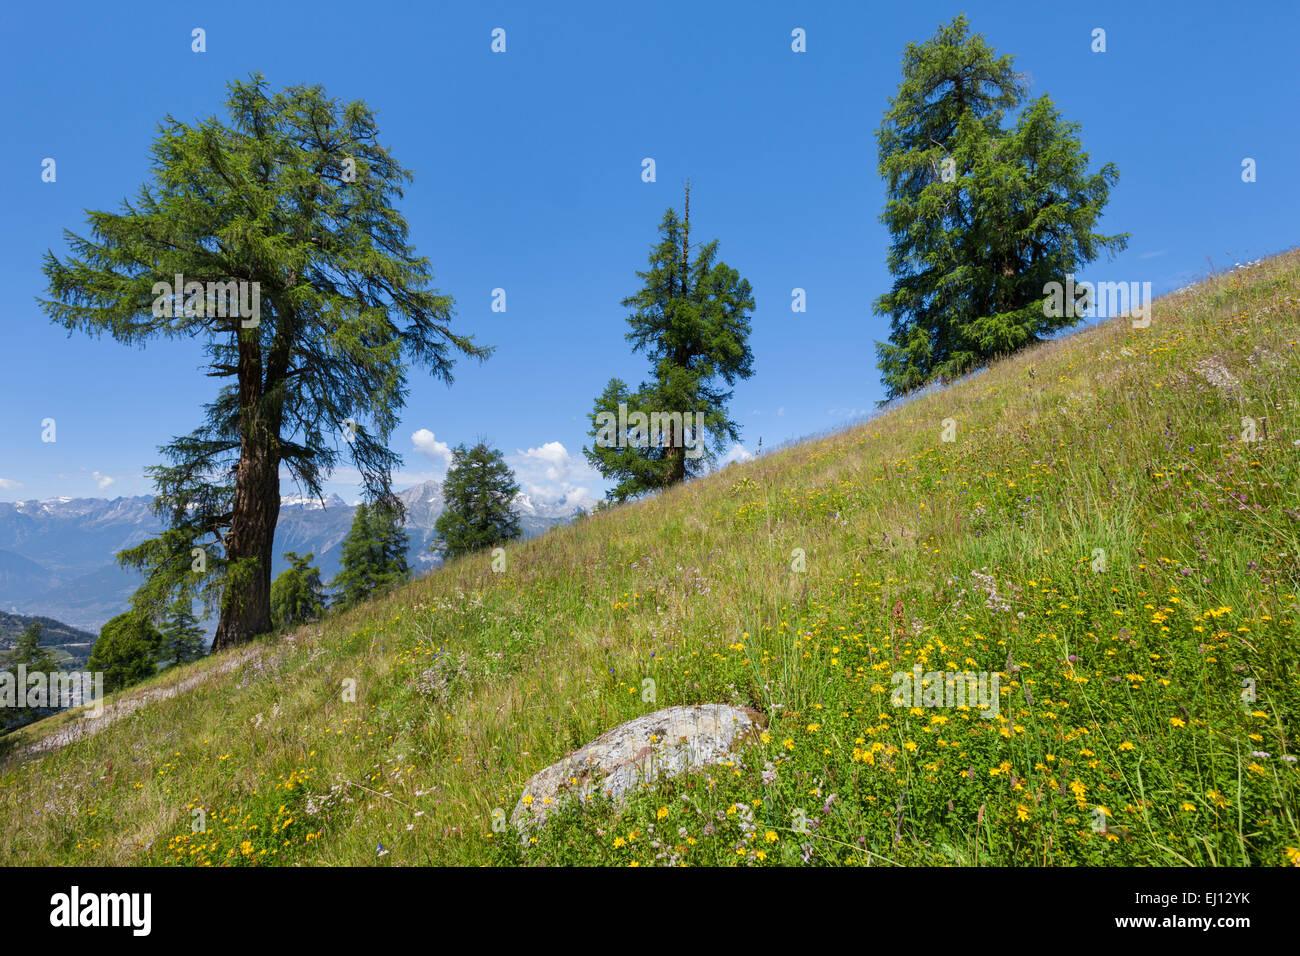 Prarion, Switzerland, Europe, canton, Valais, Wallis, larches, trees, - Stock Image